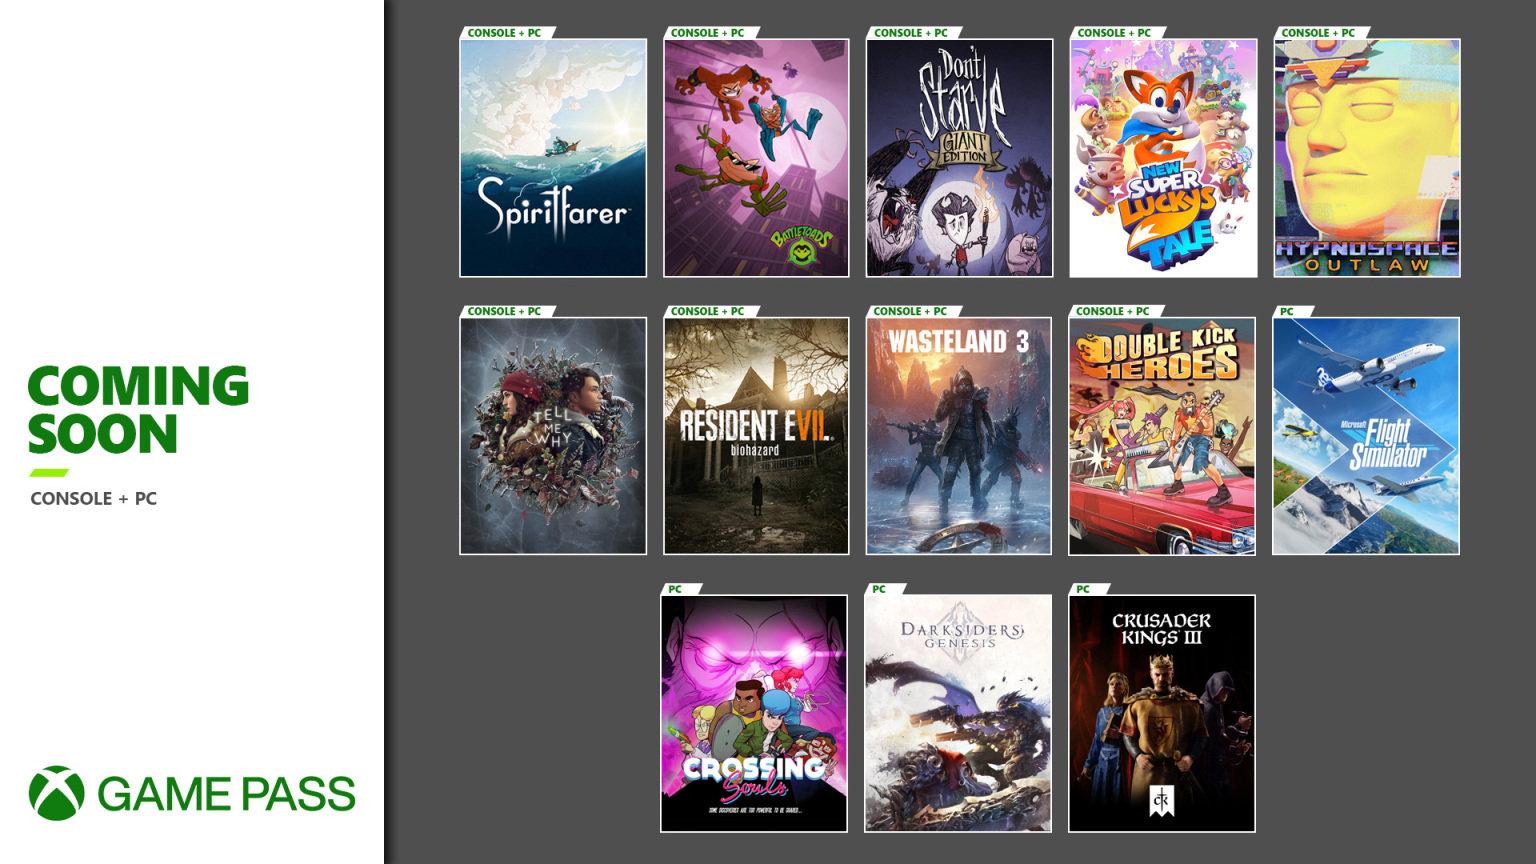 XGP新增游戏公布 《生化危机7》9月3日上线